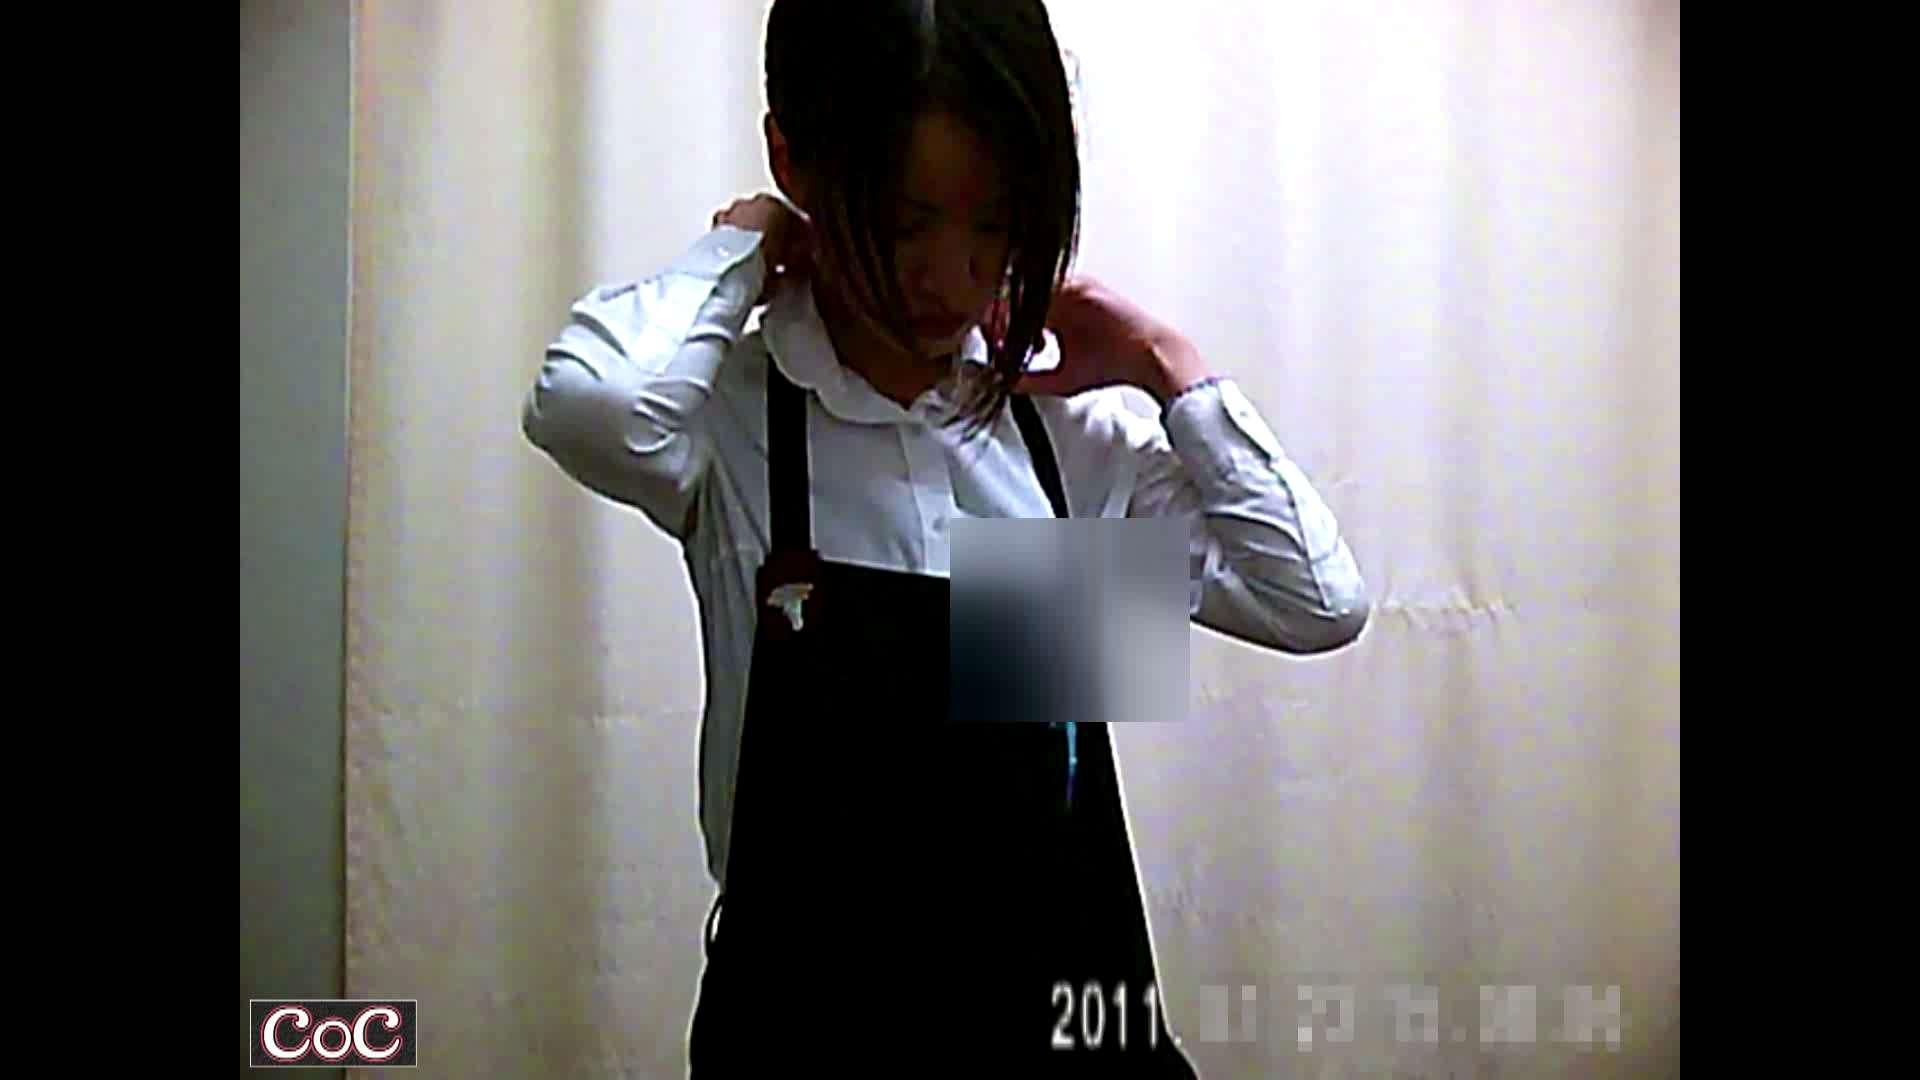 おまんこ丸見え|元医者による反抗 更衣室地獄絵巻 vol.291|怪盗ジョーカー